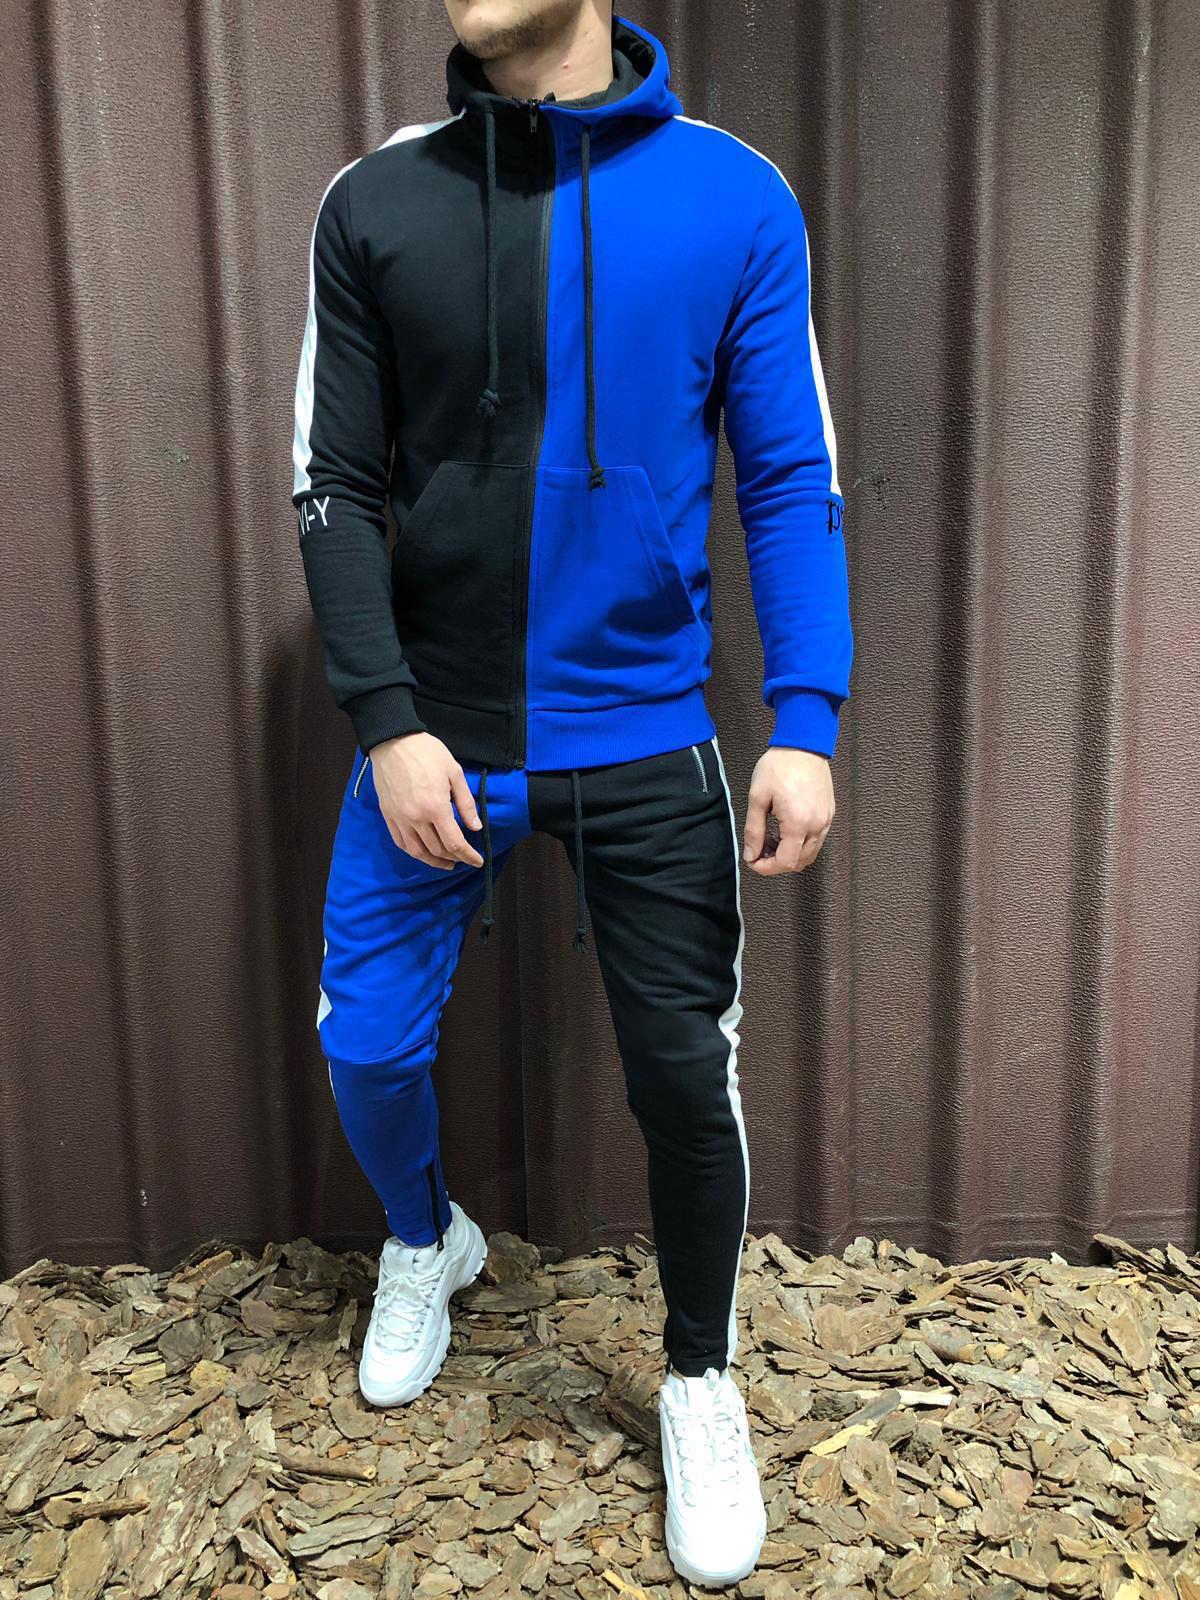 CYSINCOS 男性セットファッション秋のパッチワークジッパートラックスーツセットスポーツ 2 個運動着男性パーカージャケットパンツトラックスーツ